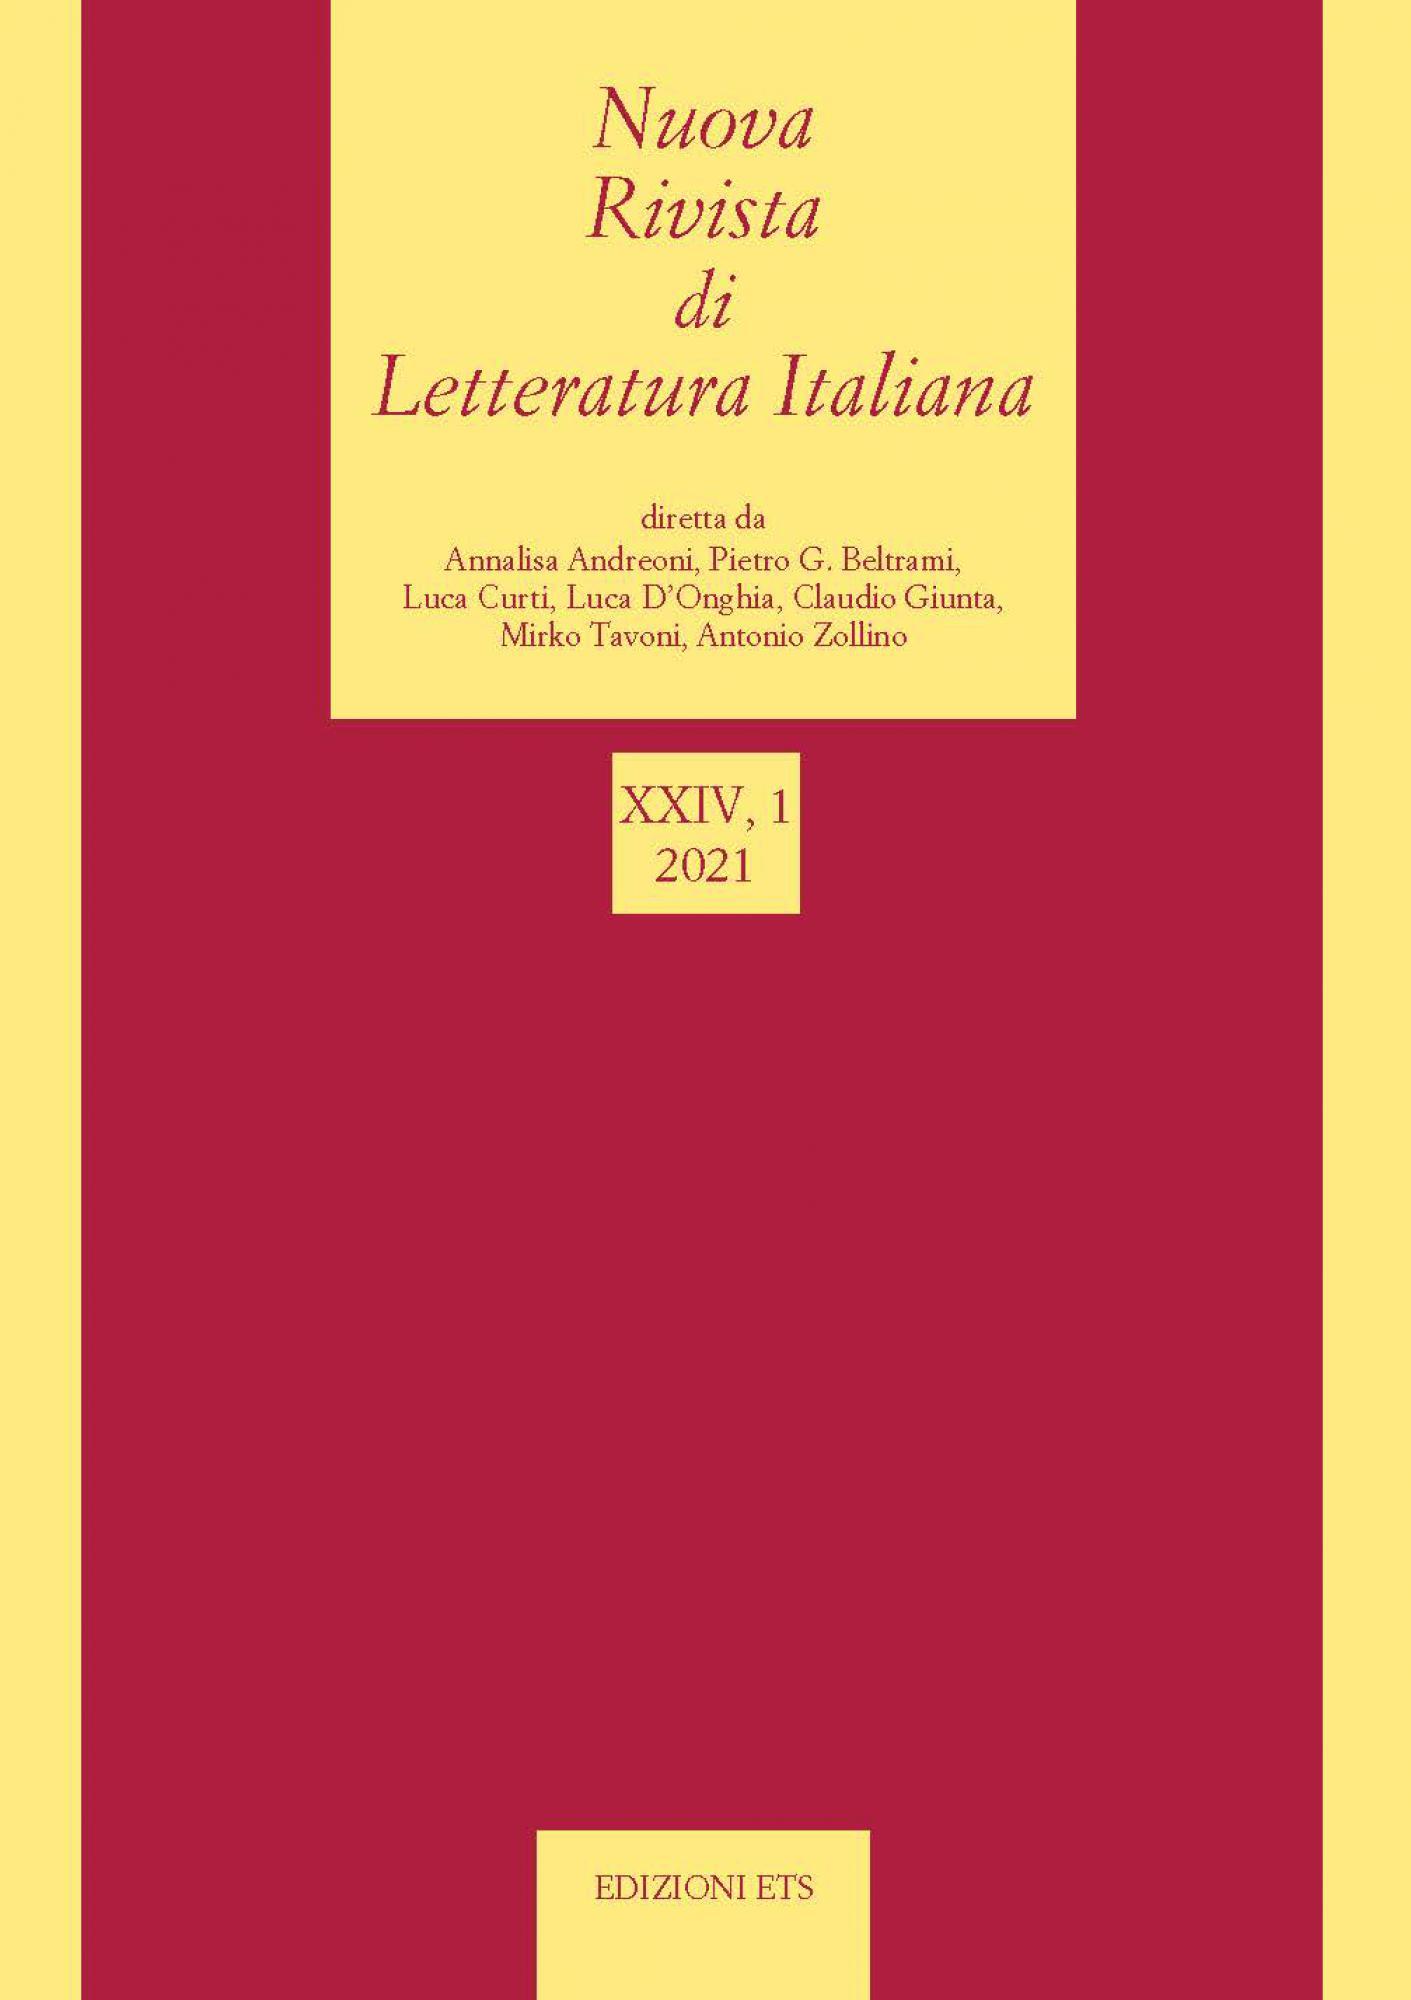 Nuova rivista di letteratura italiana 2021, 1